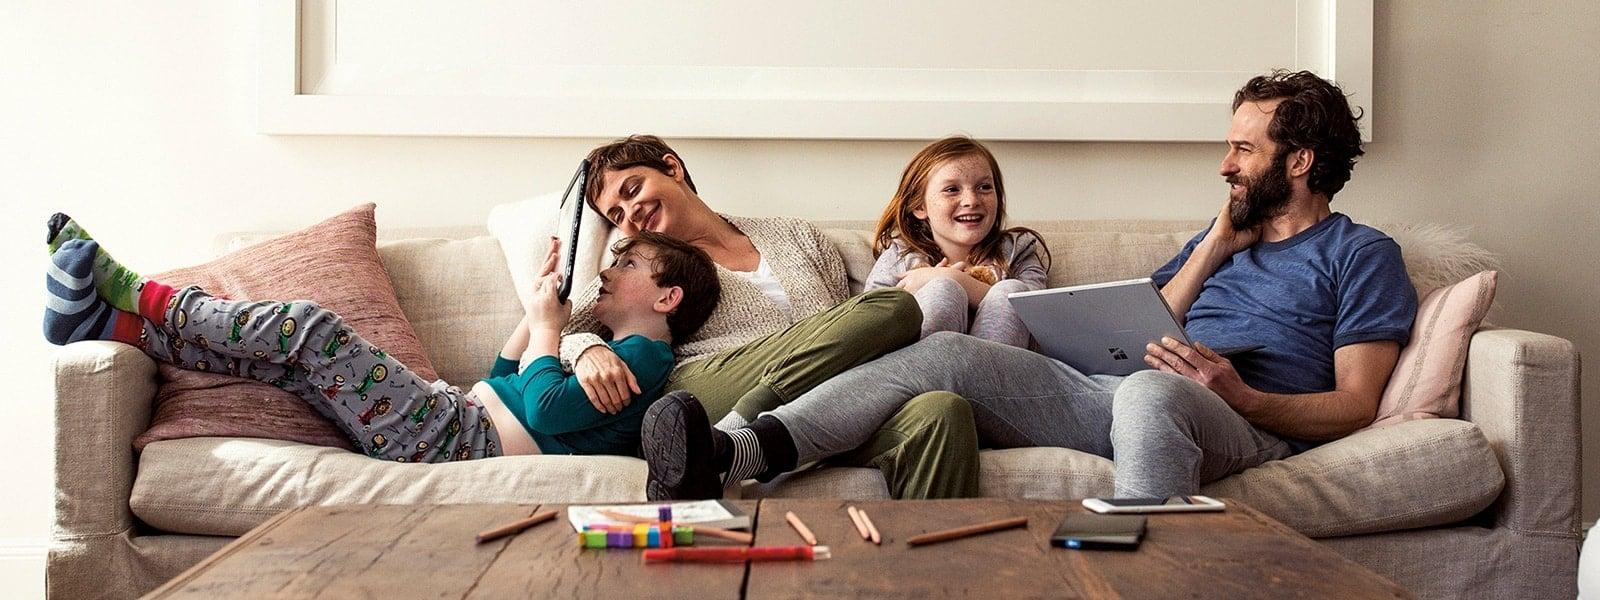 Una famiglia in relax sul divano